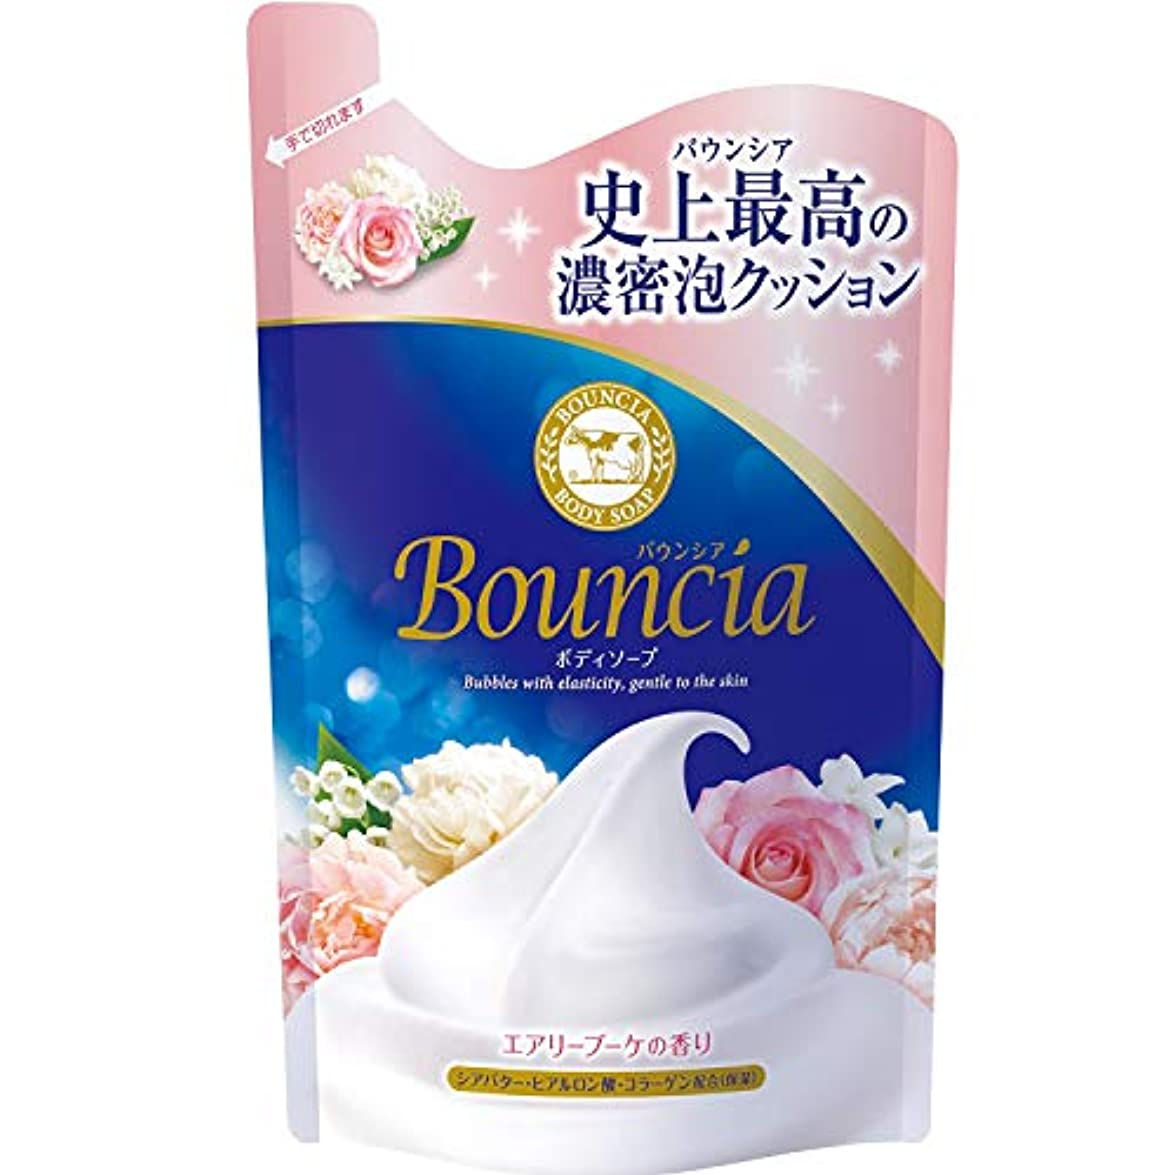 思想好み反対バウンシア ボディソープ エアリーブーケの香り 詰替 400mL